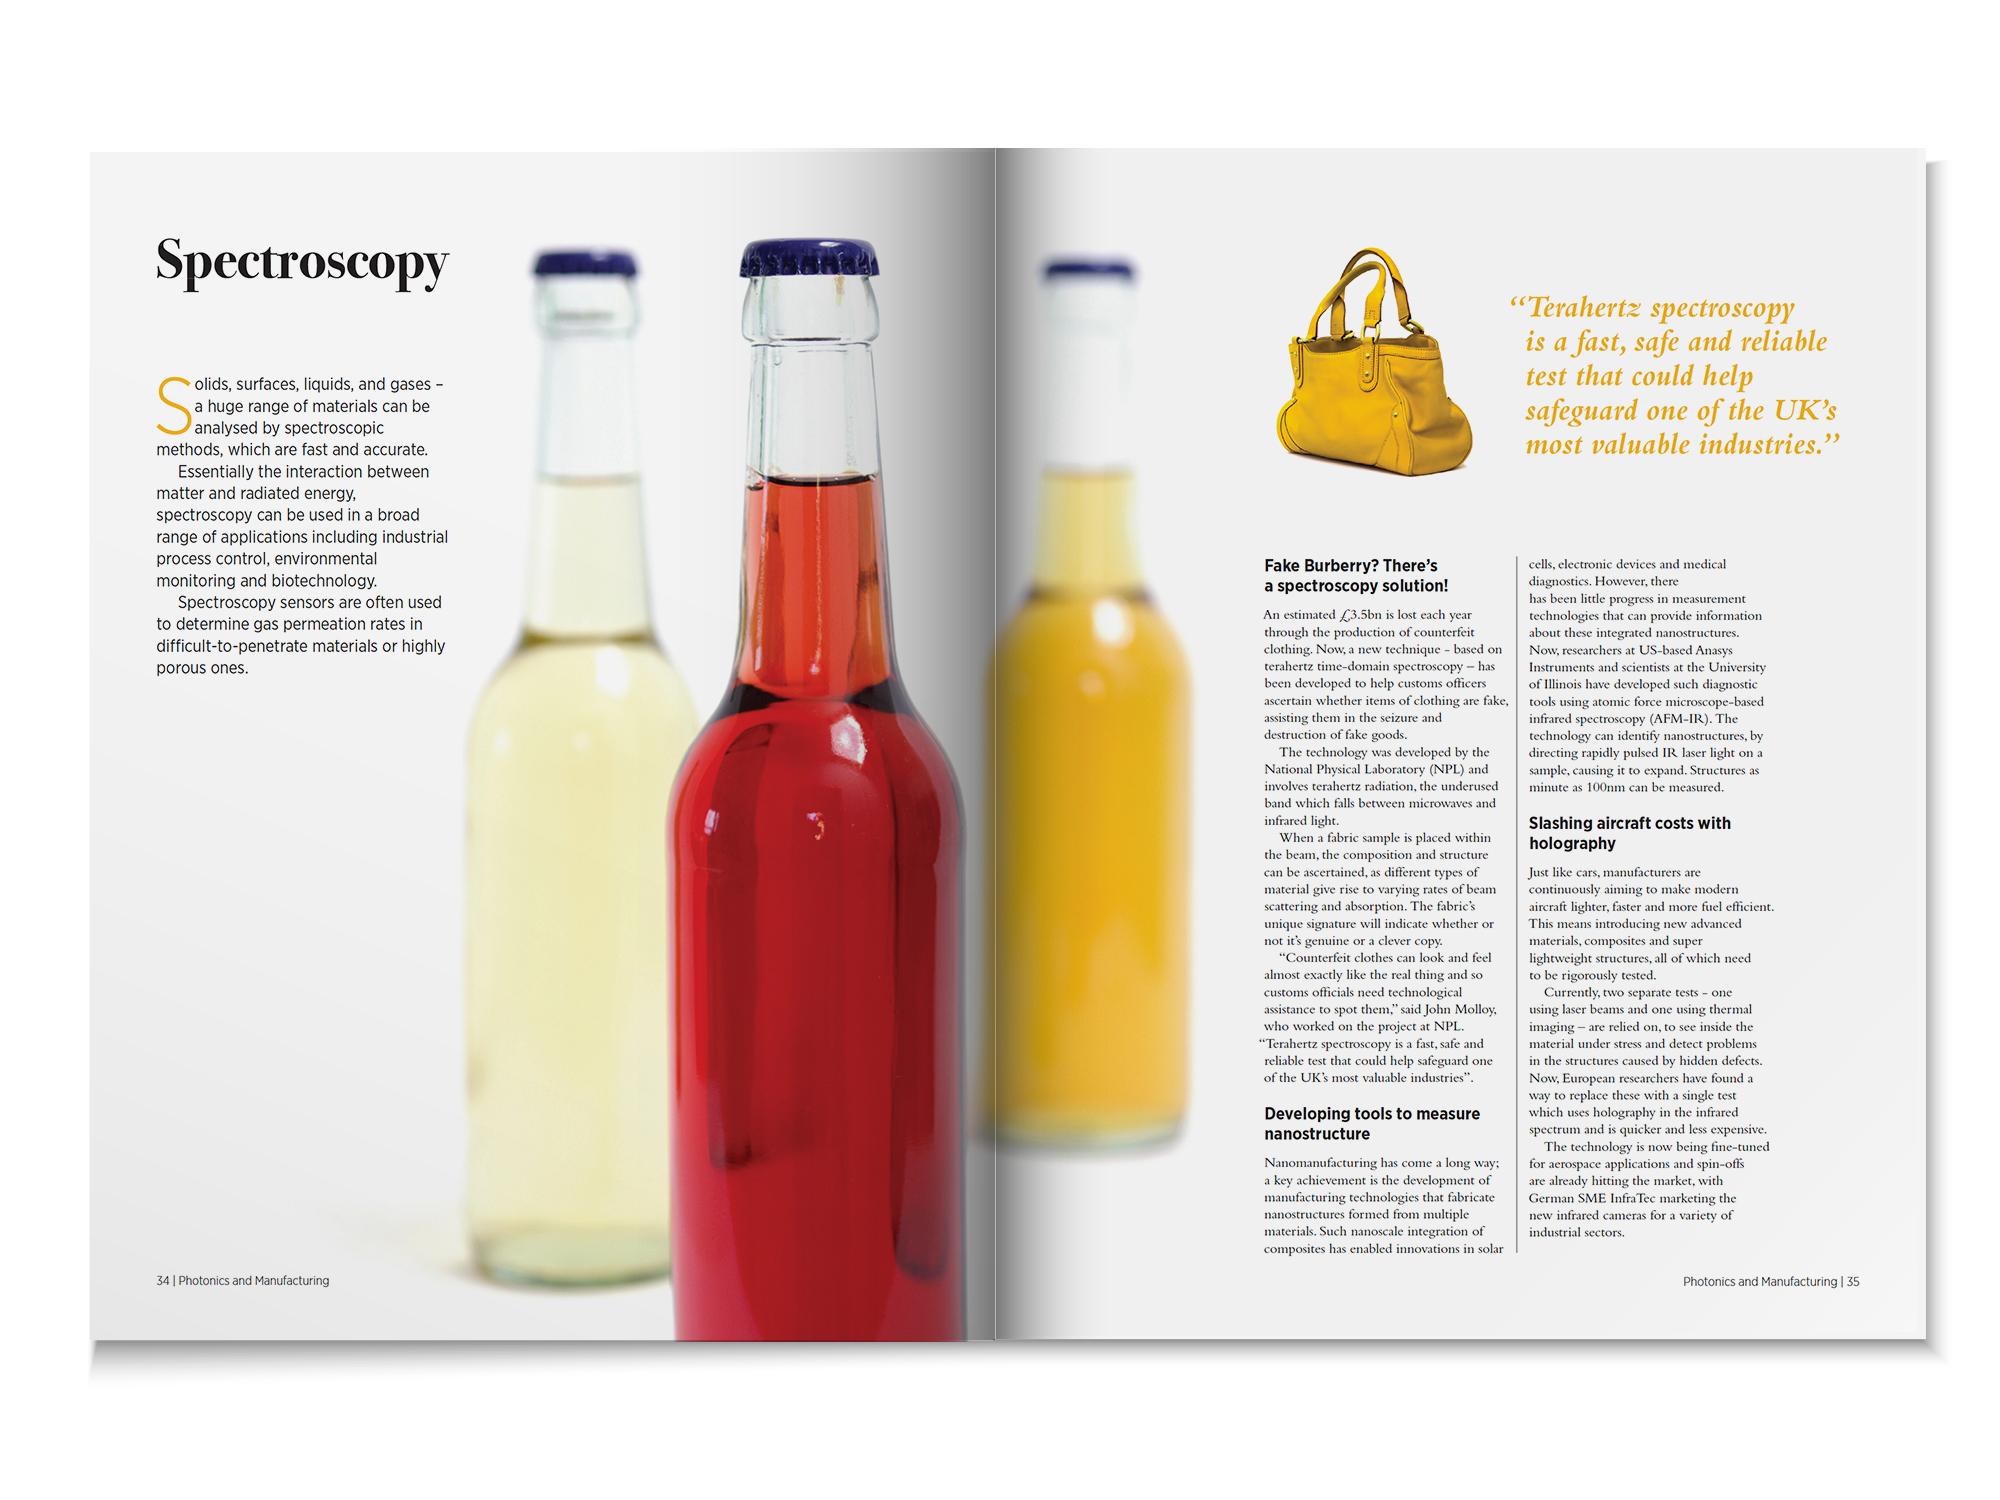 KTN_brochure_p34-35